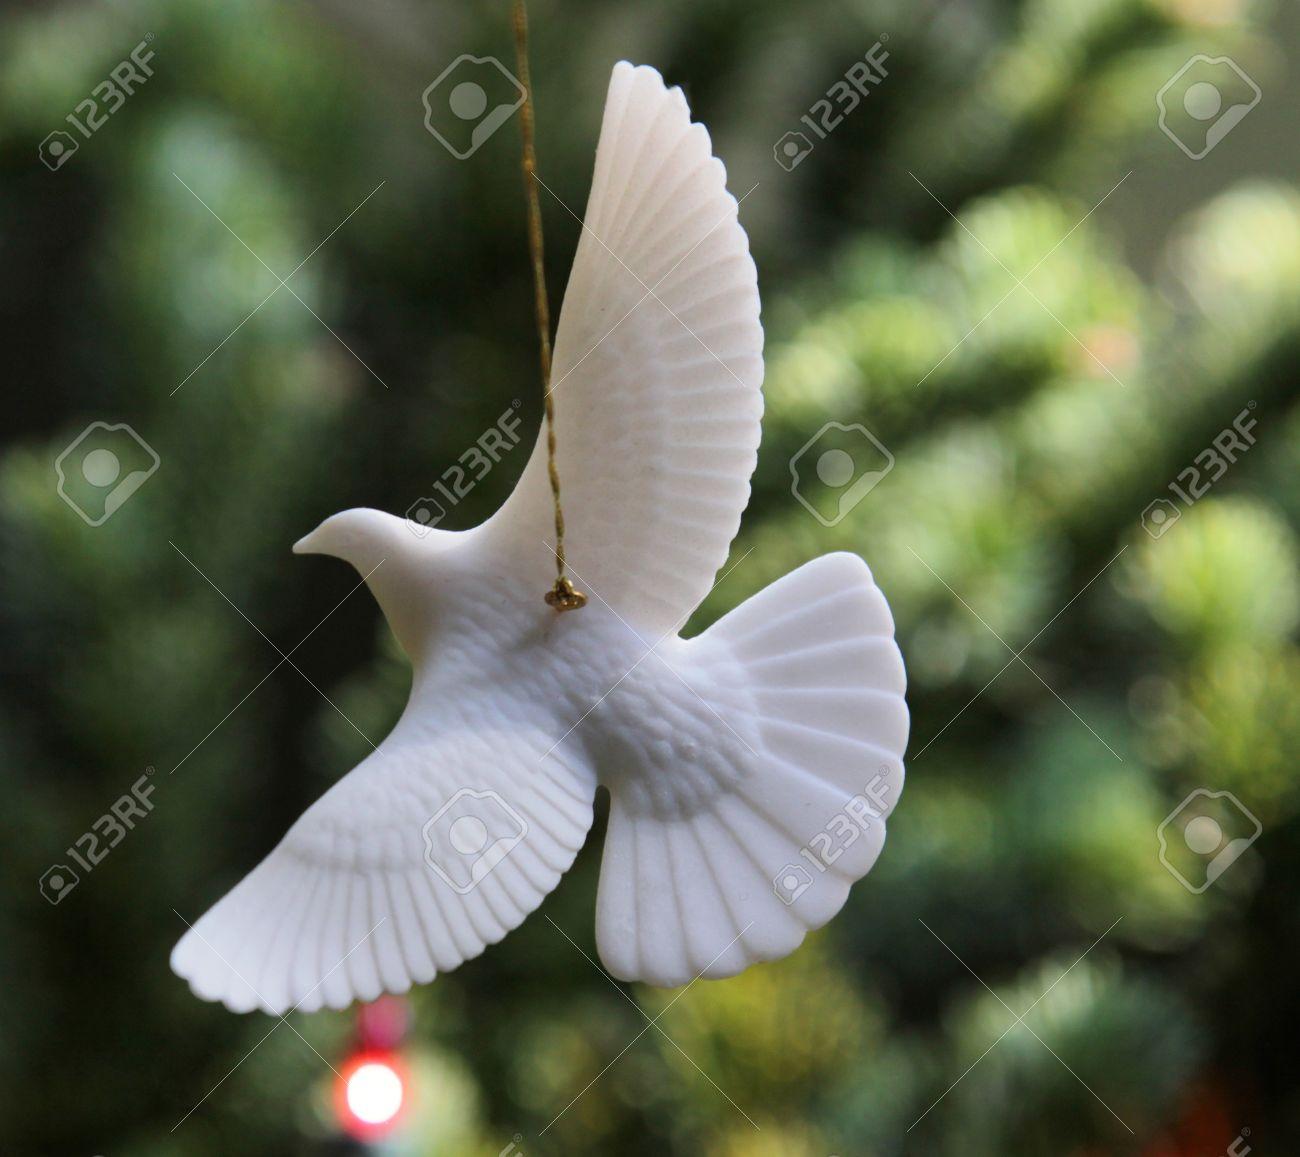 White dove christmas ornaments - A Turtle Dove Christmas Ornament Hanging From A Christams Tree Stock Photo 11429636